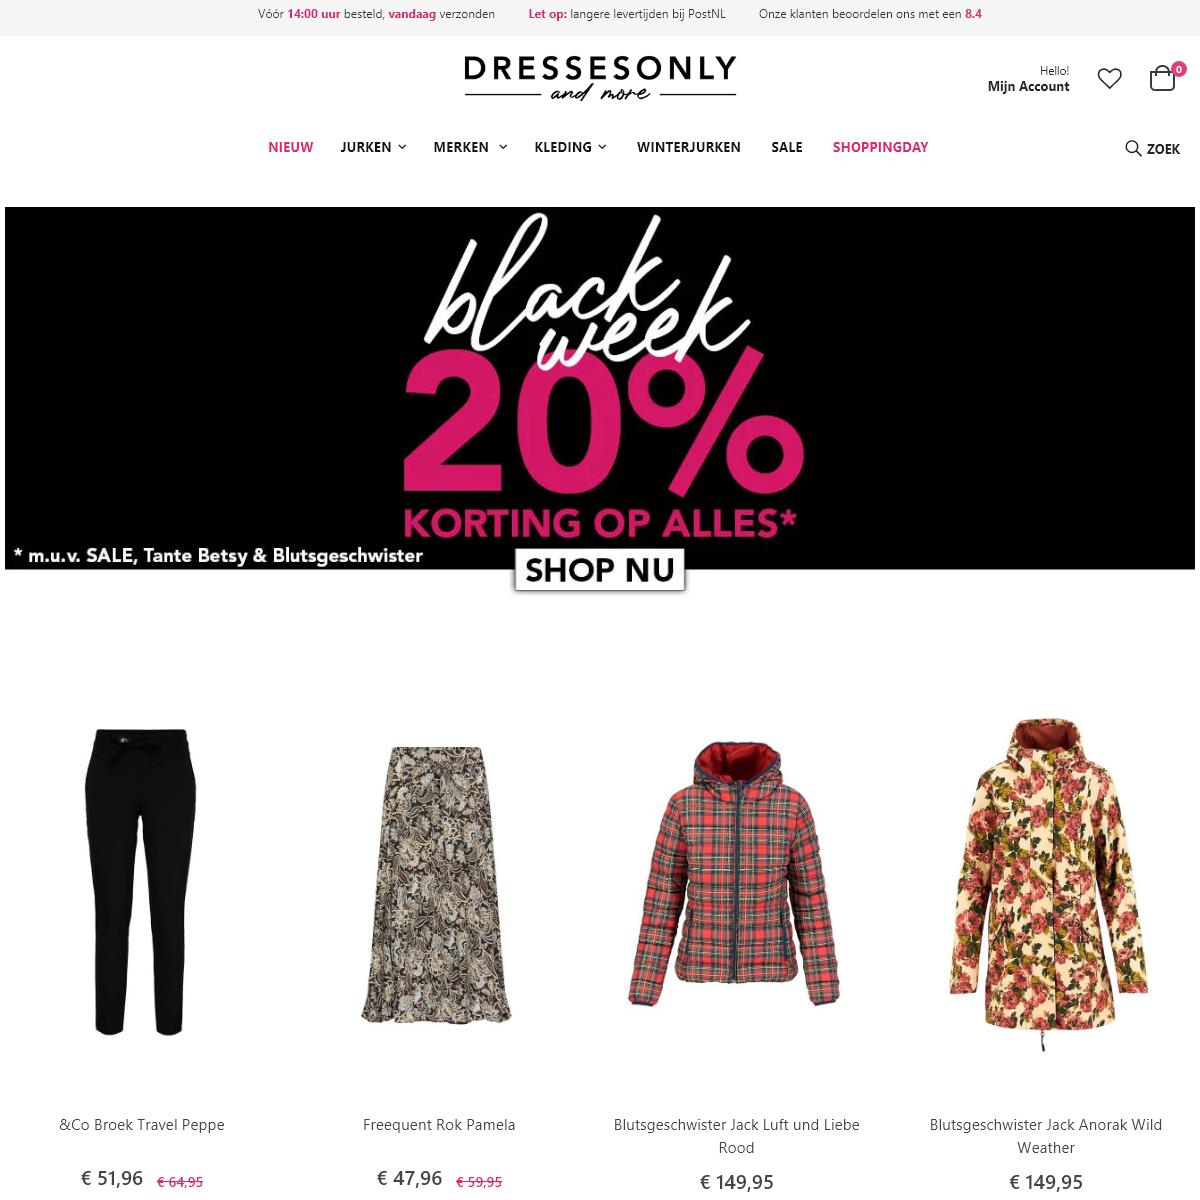 Dressesonly - Shop jouw nieuwe jurk van de mooiste labels - Dresses Only